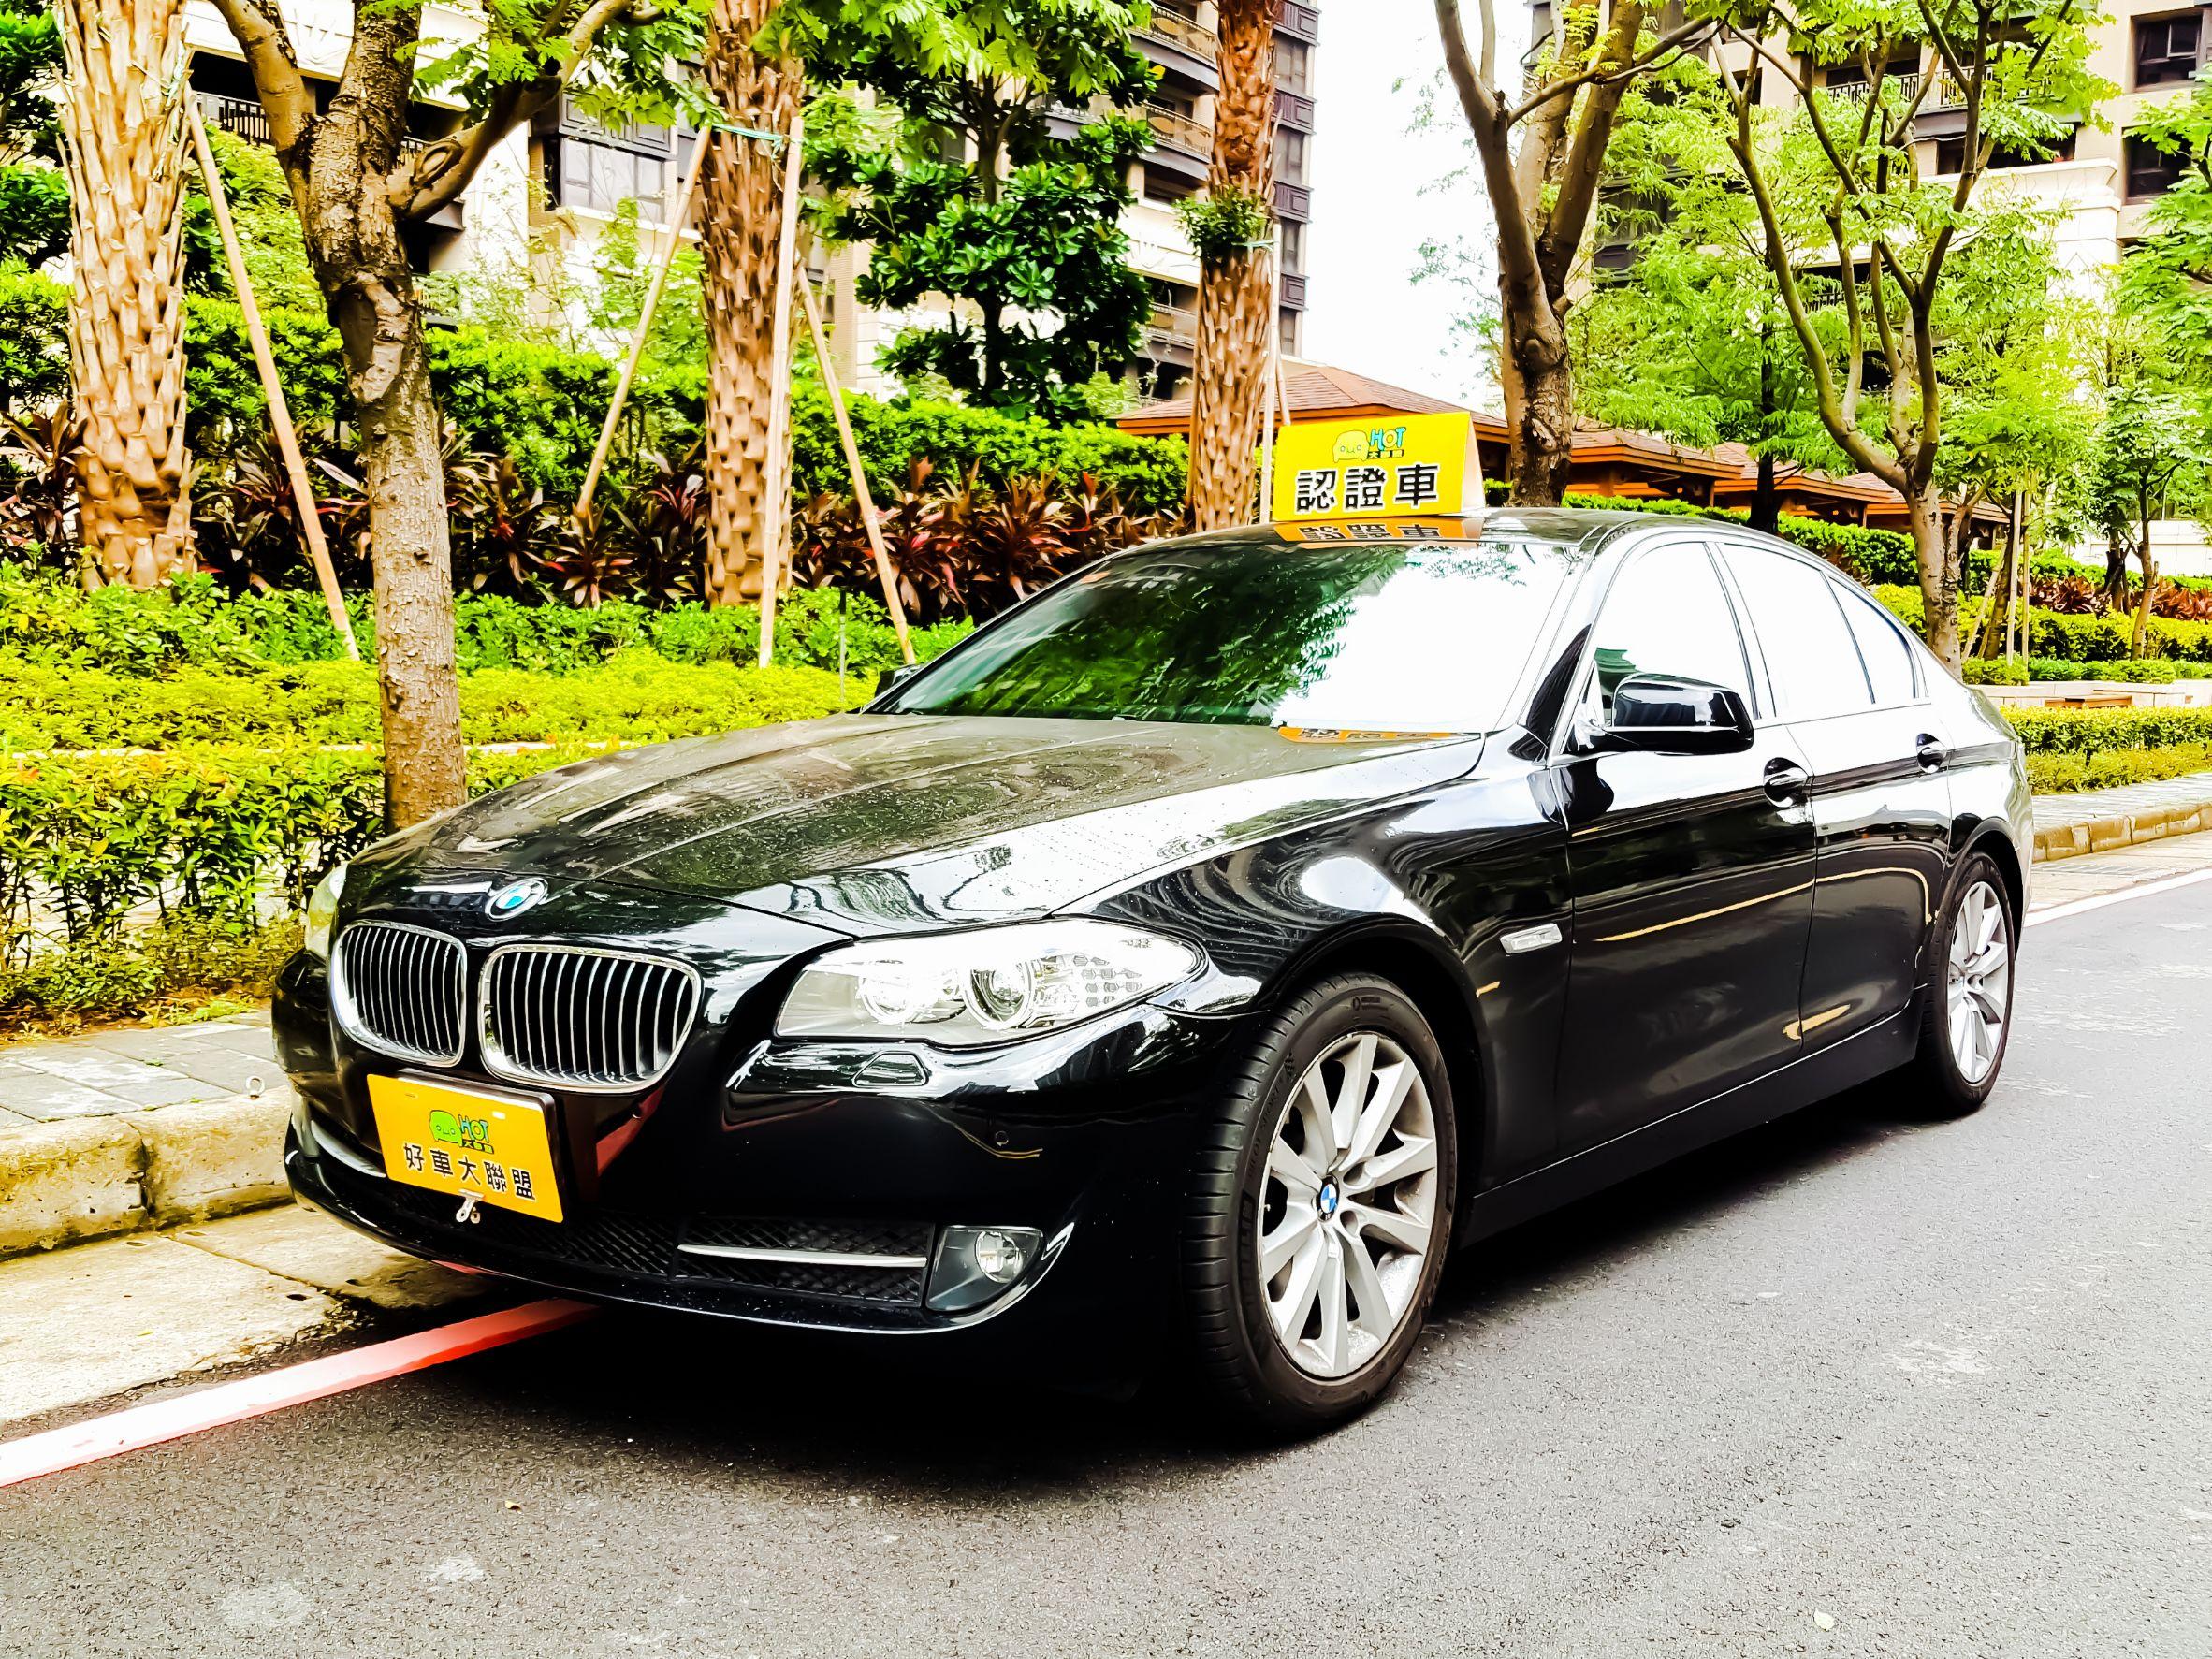 2010 BMW 寶馬 其他